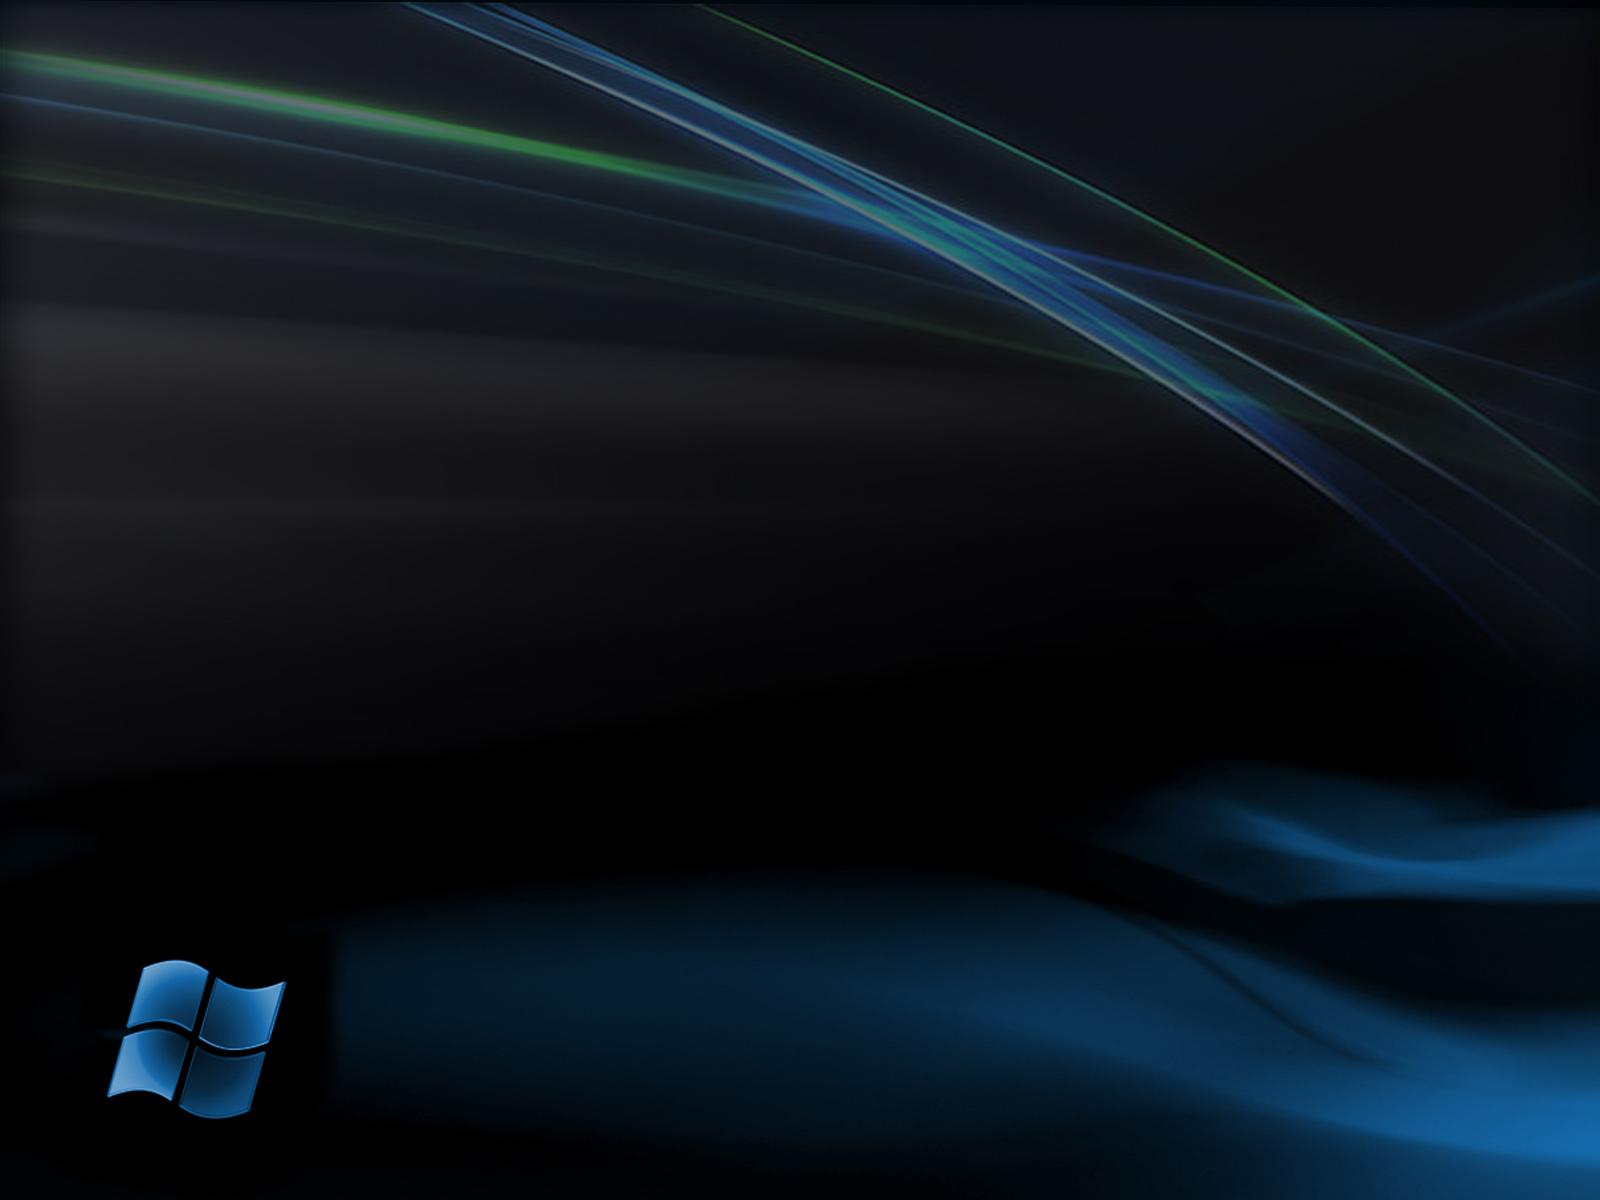 http://1.bp.blogspot.com/_CMf2hbvWnqU/TPng2NRq7OI/AAAAAAAAASc/ugn2ZJrElr8/s1600/wallpapers_windows_7_+4.jpg